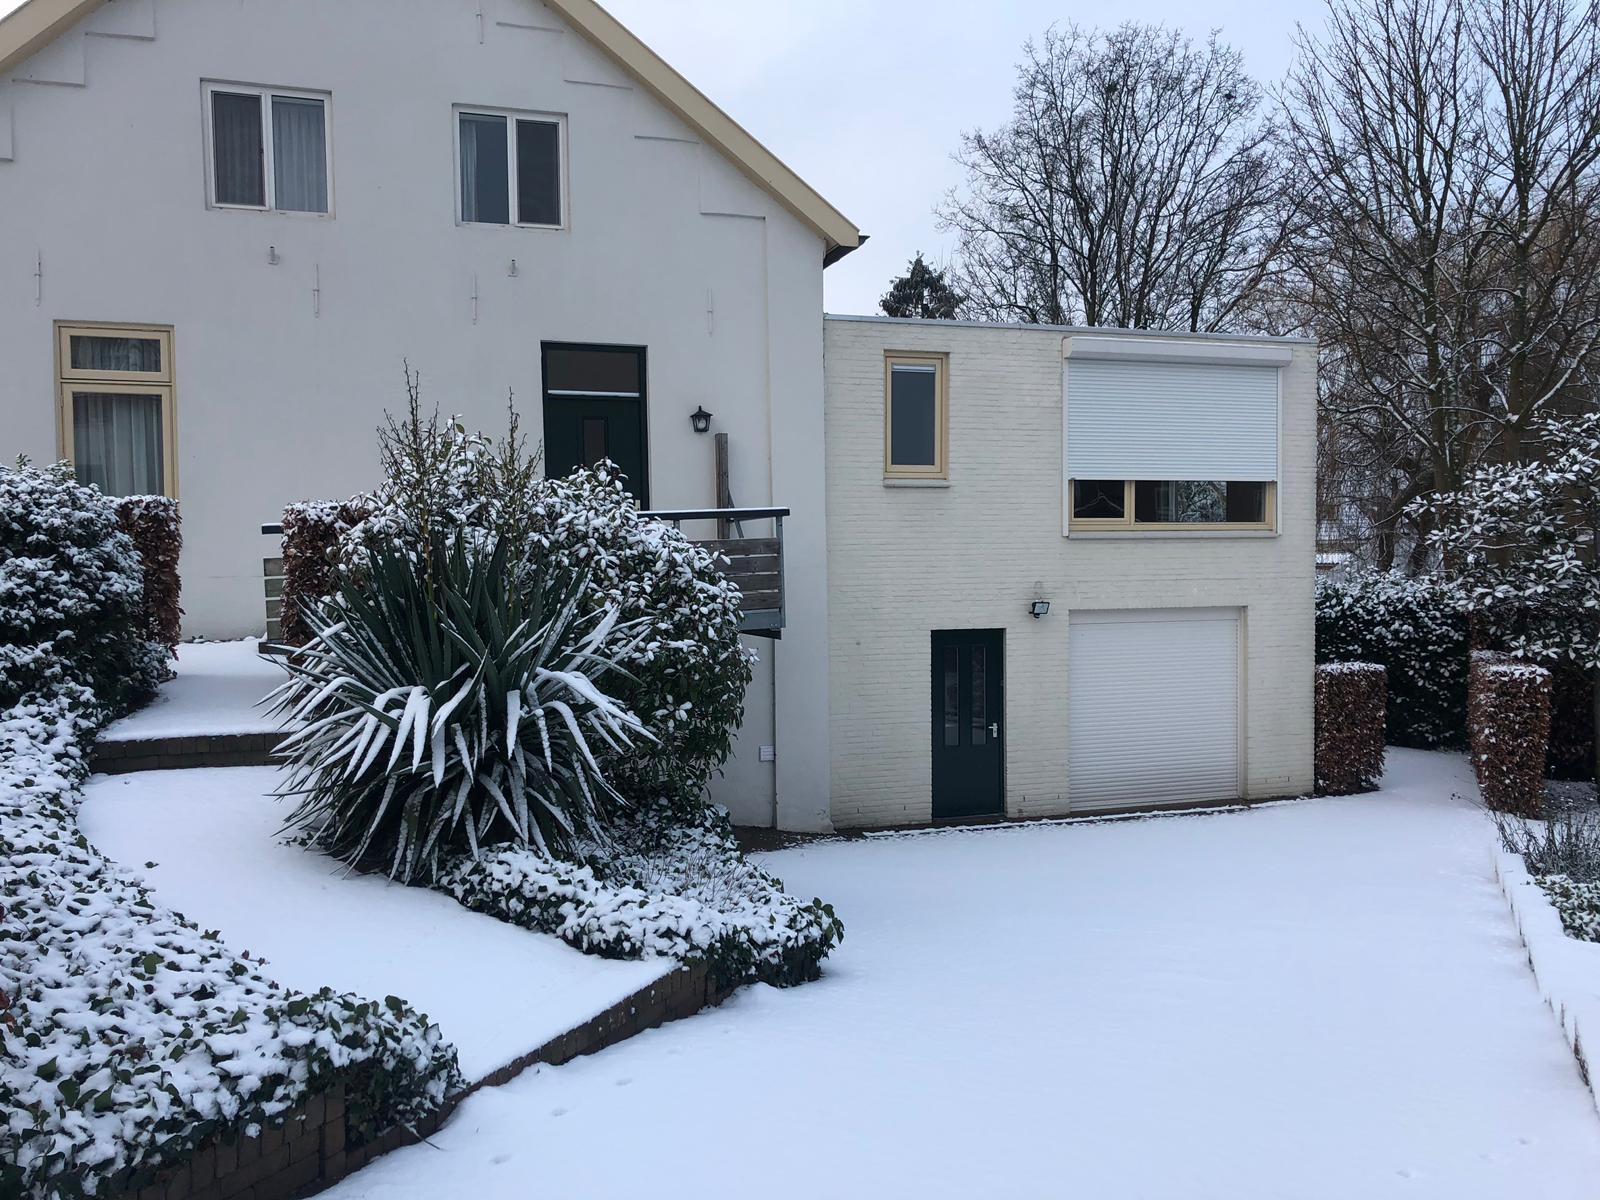 Huis minder wit in sneeuw